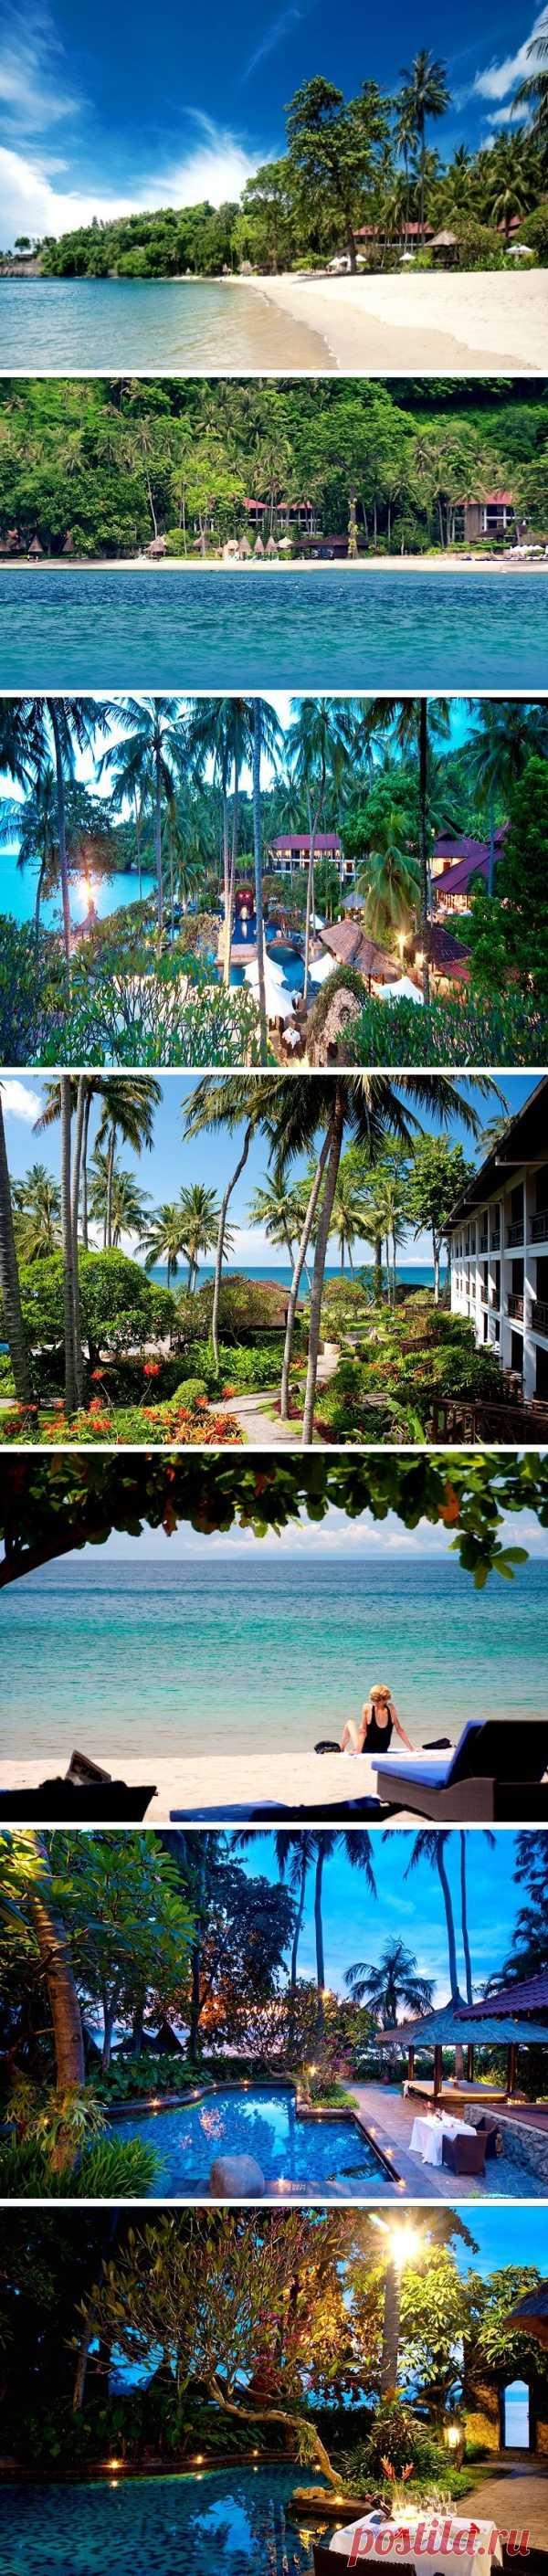 Индонезийский остров